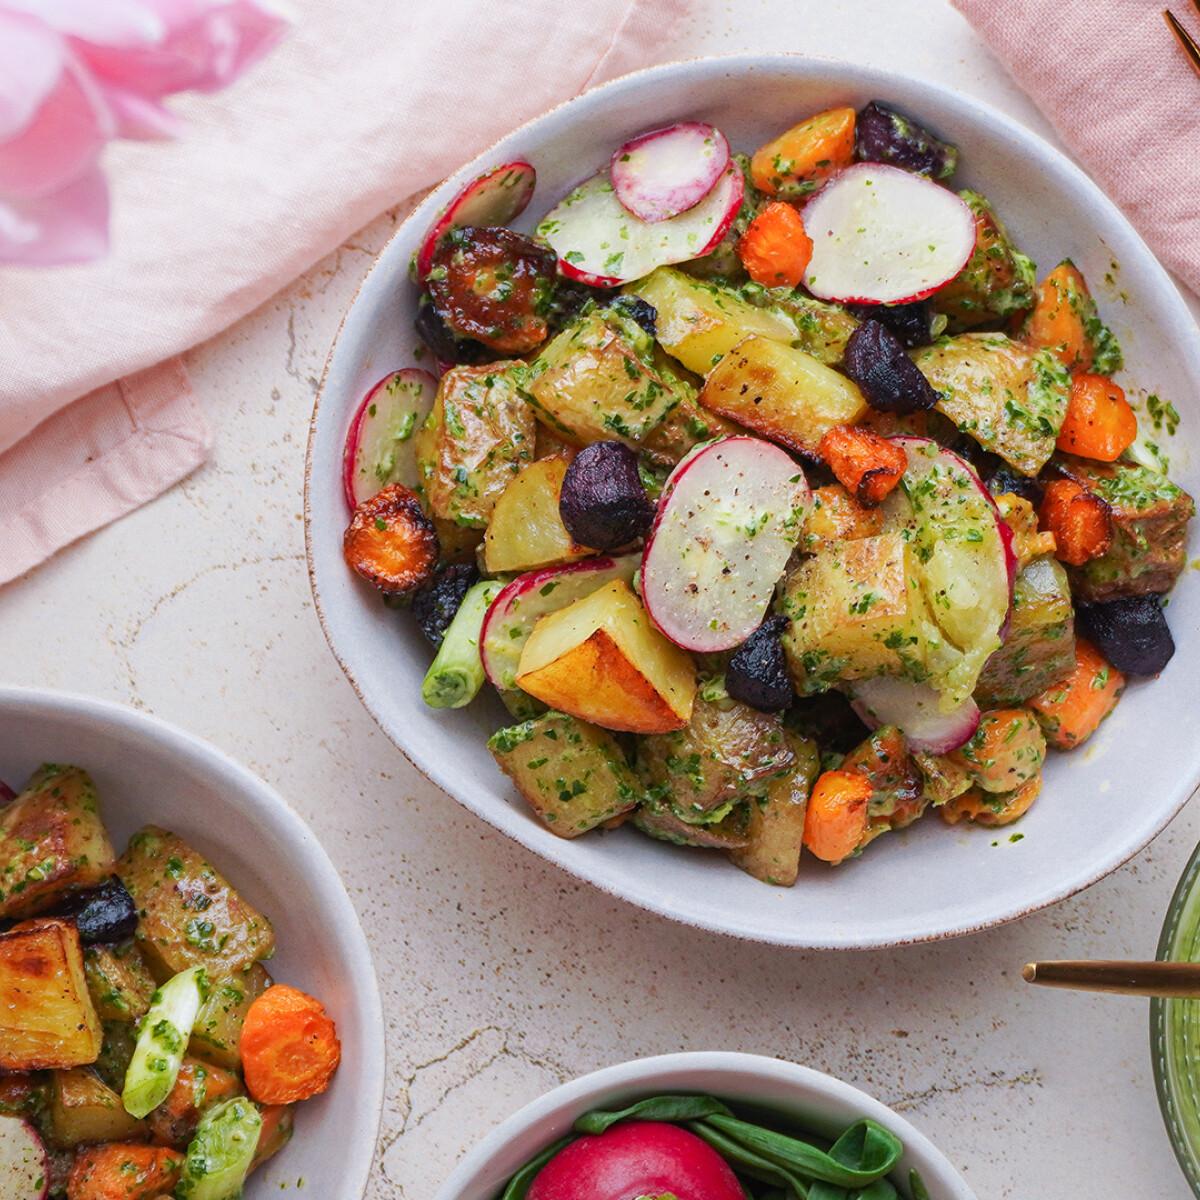 Ezen a képen: Szuperfriss vegán zöldségsaláta, nem csak húsvétra